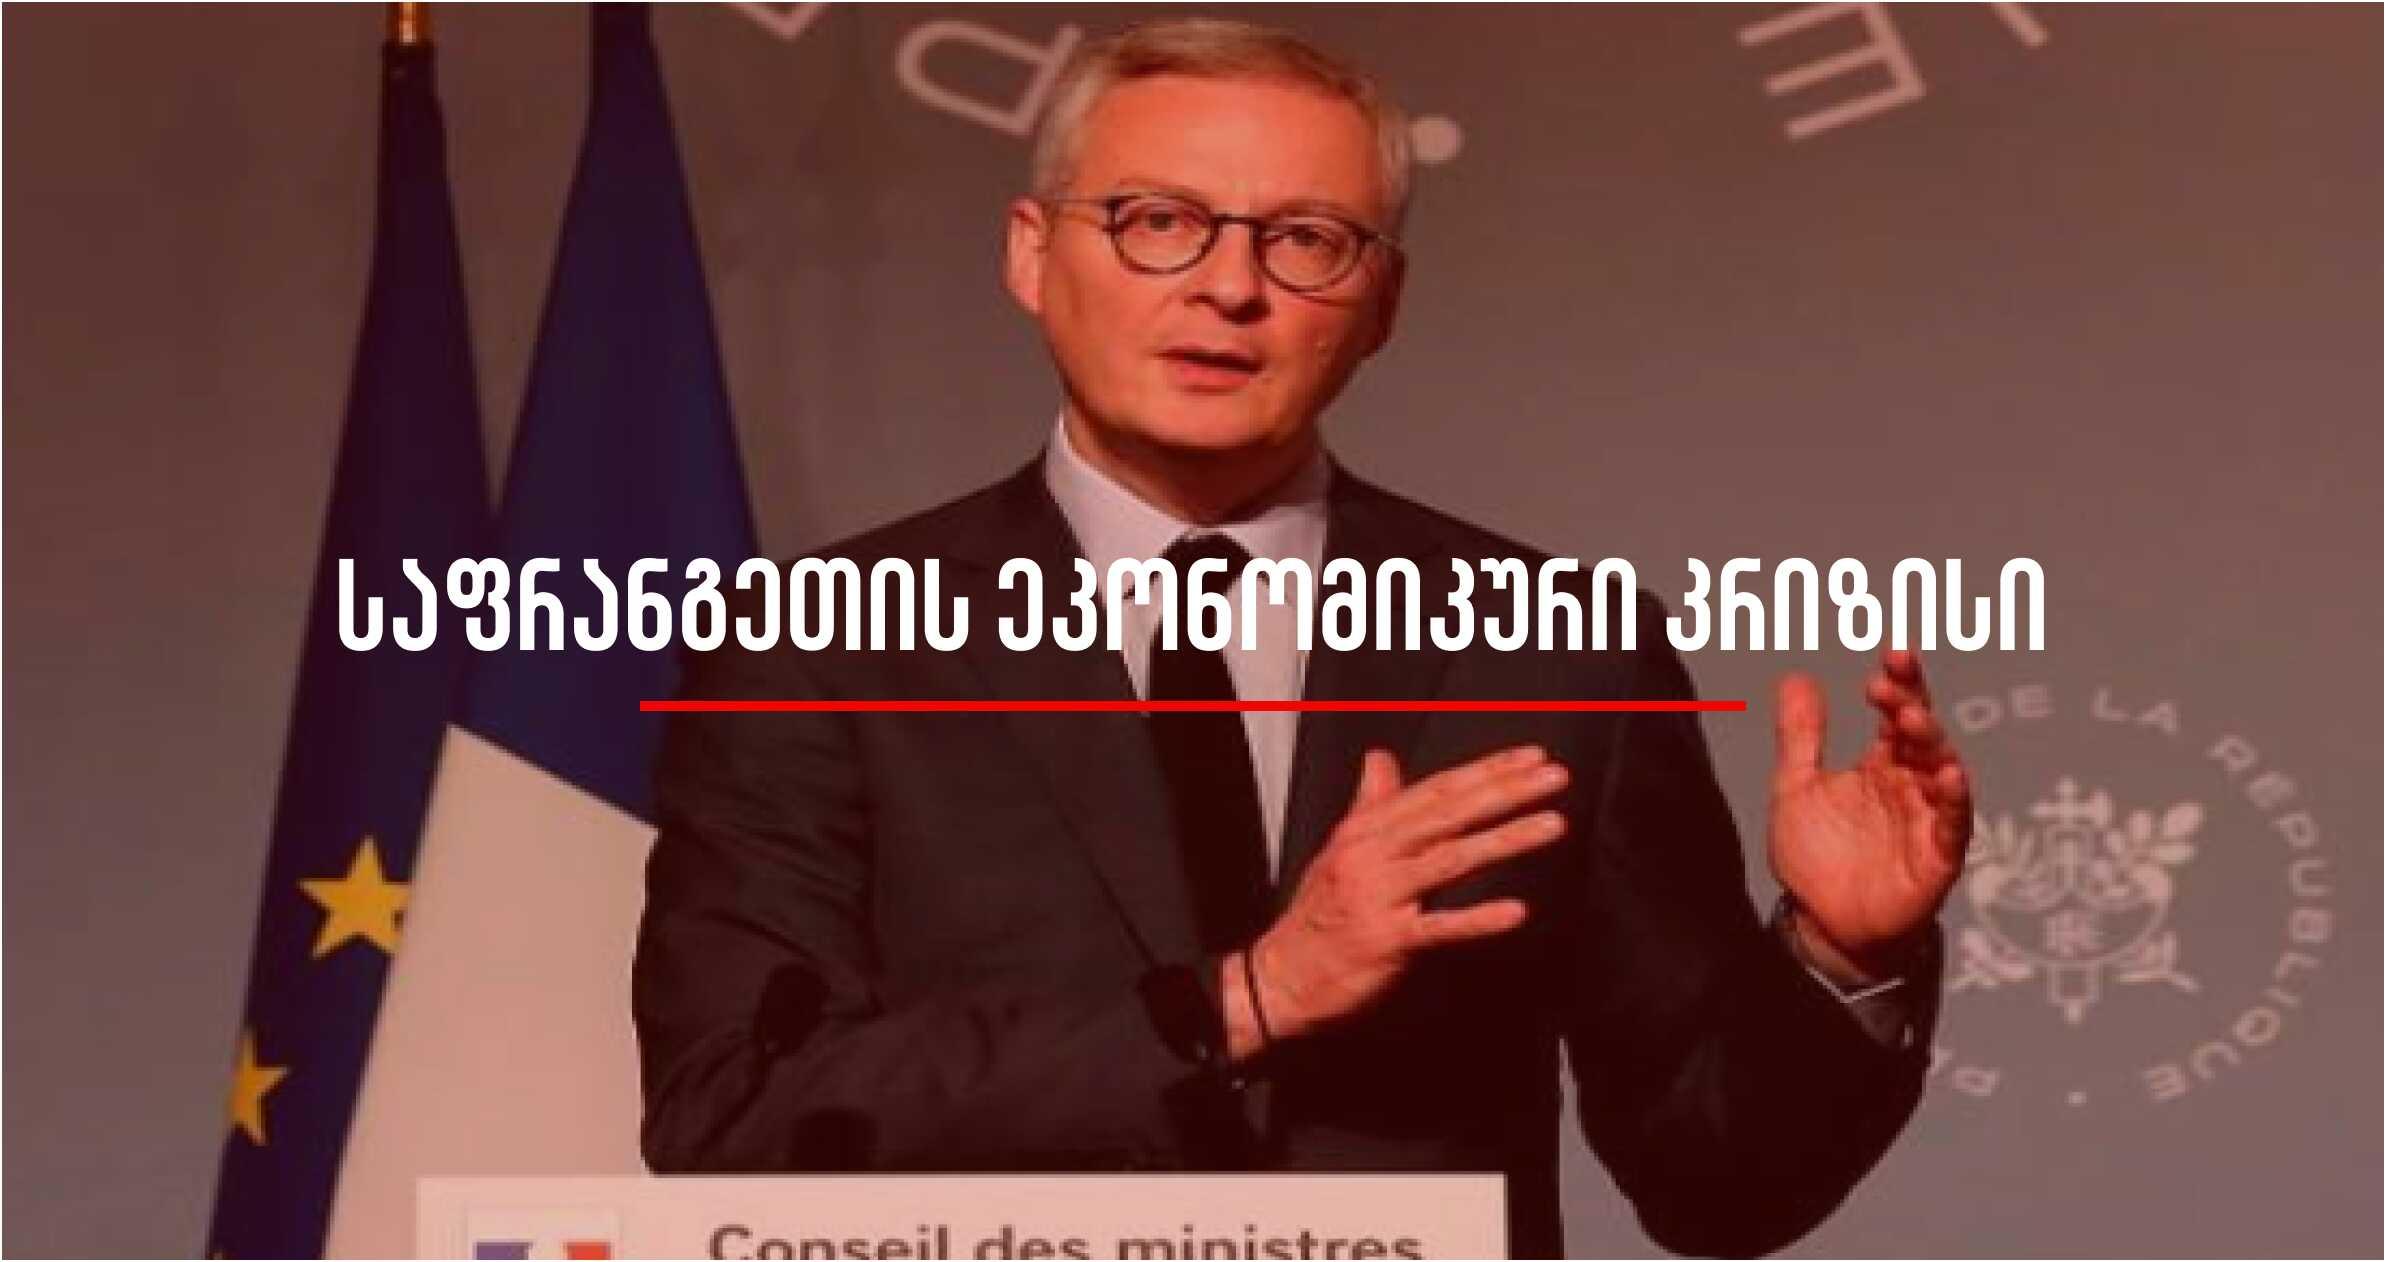 საფრანგეთი ყველაზე დიდი ეკონომიკური კრიზისის წინაშეა